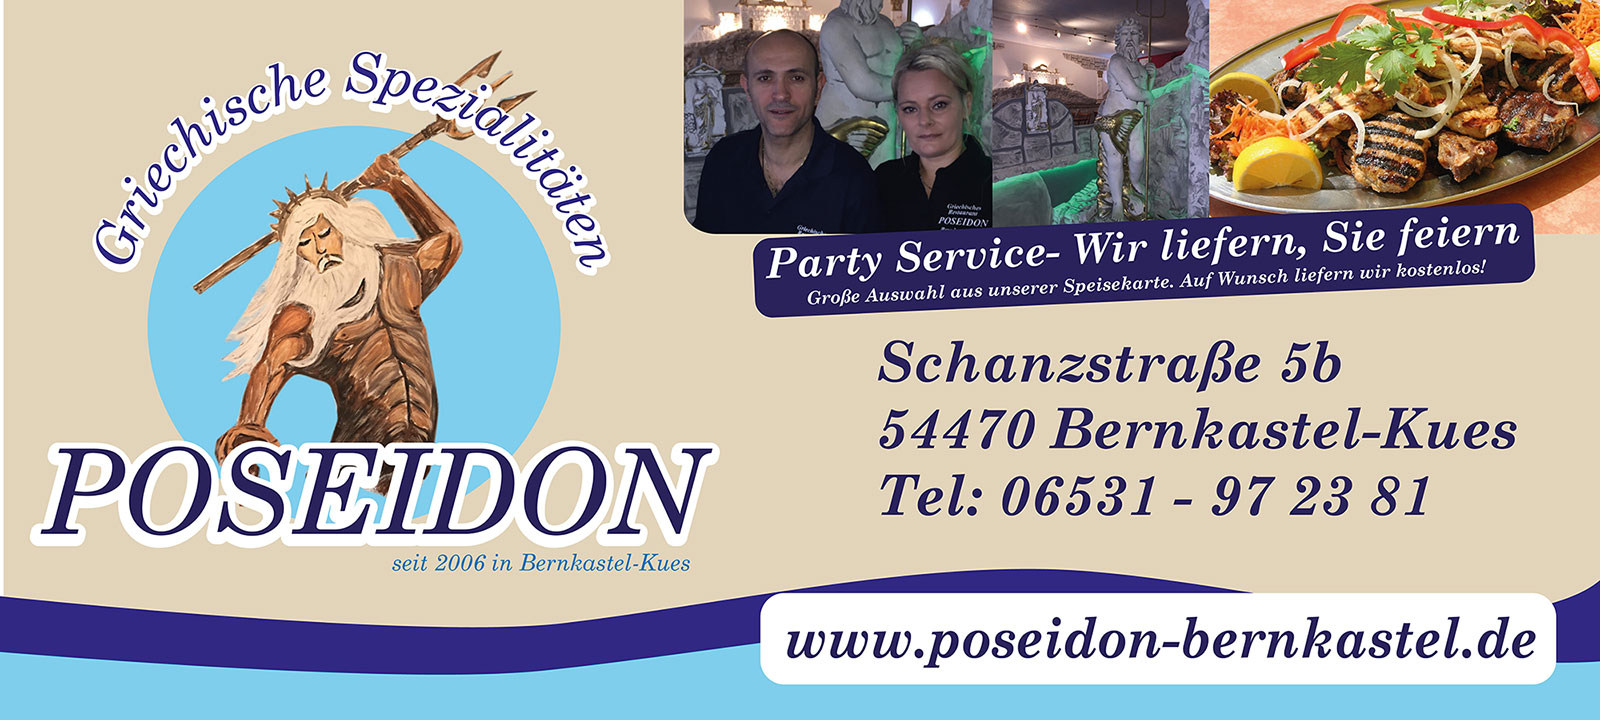 Das griechische Restaurant in Bernkastel: Poseidon! Sei unser Gast